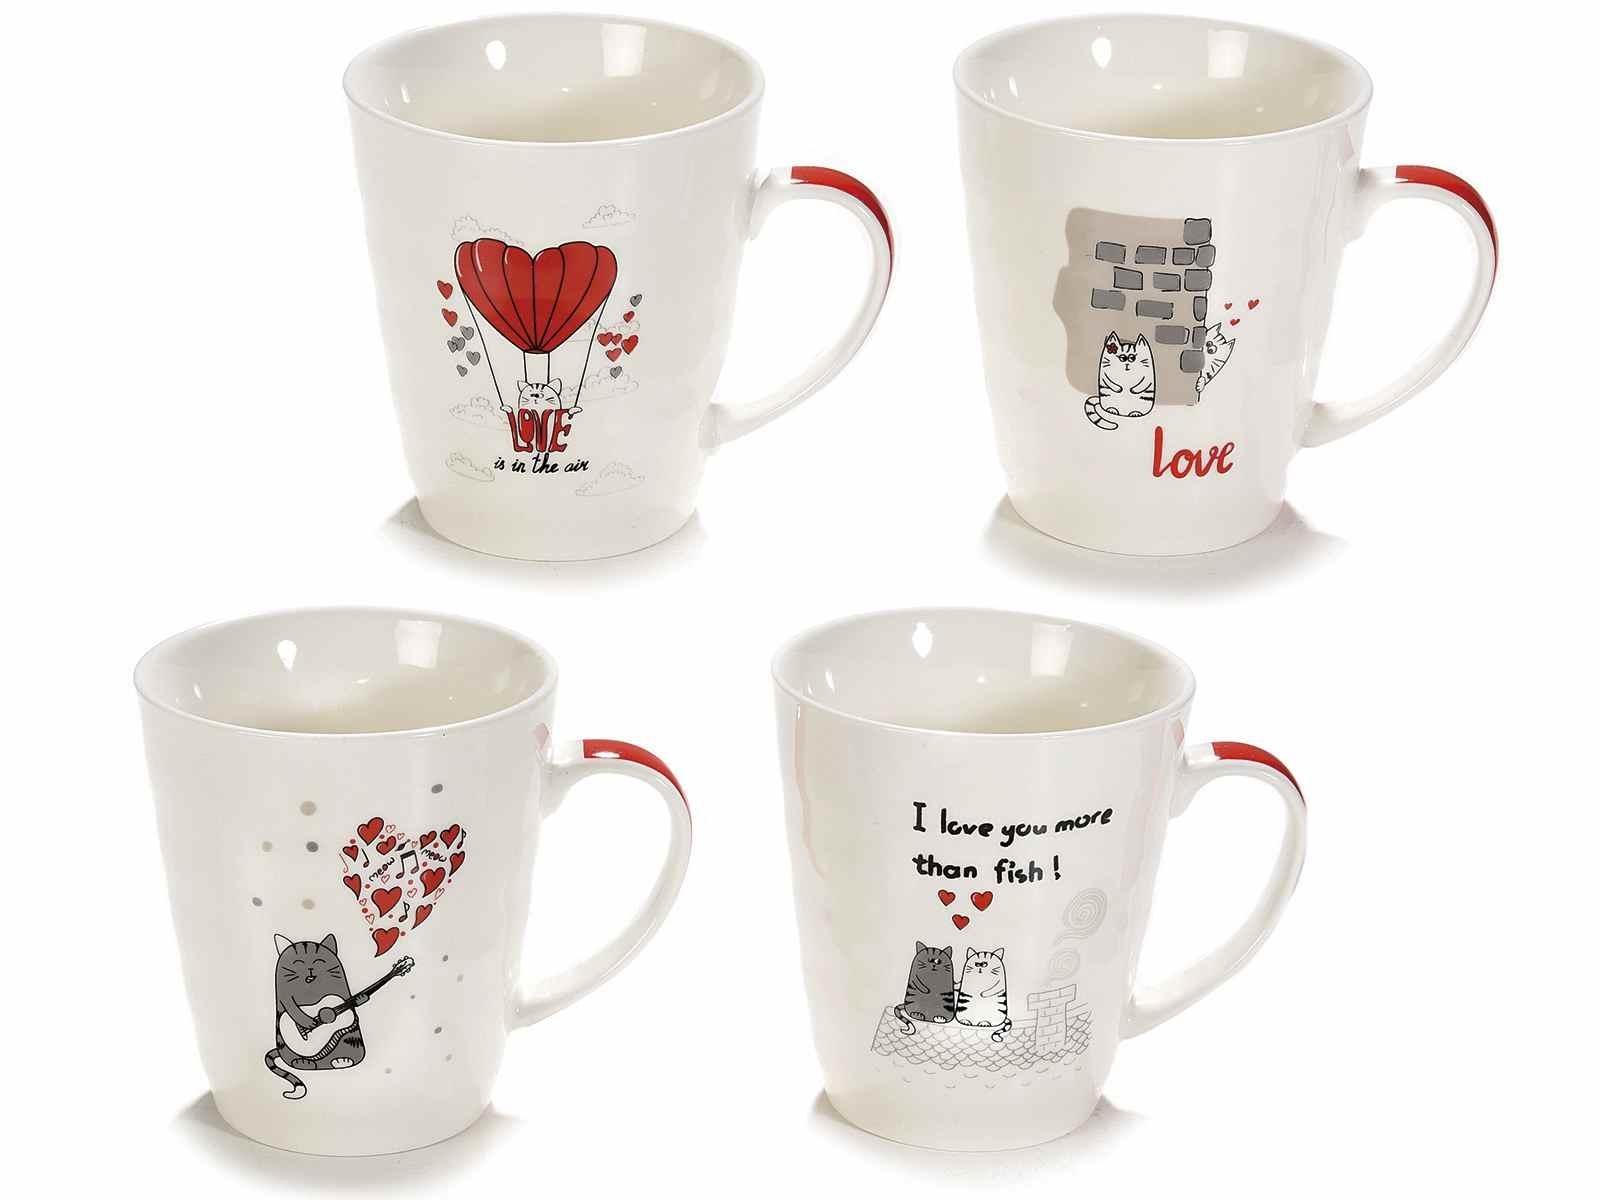 Tazza in ceramica con Gattini innamorati (720523)